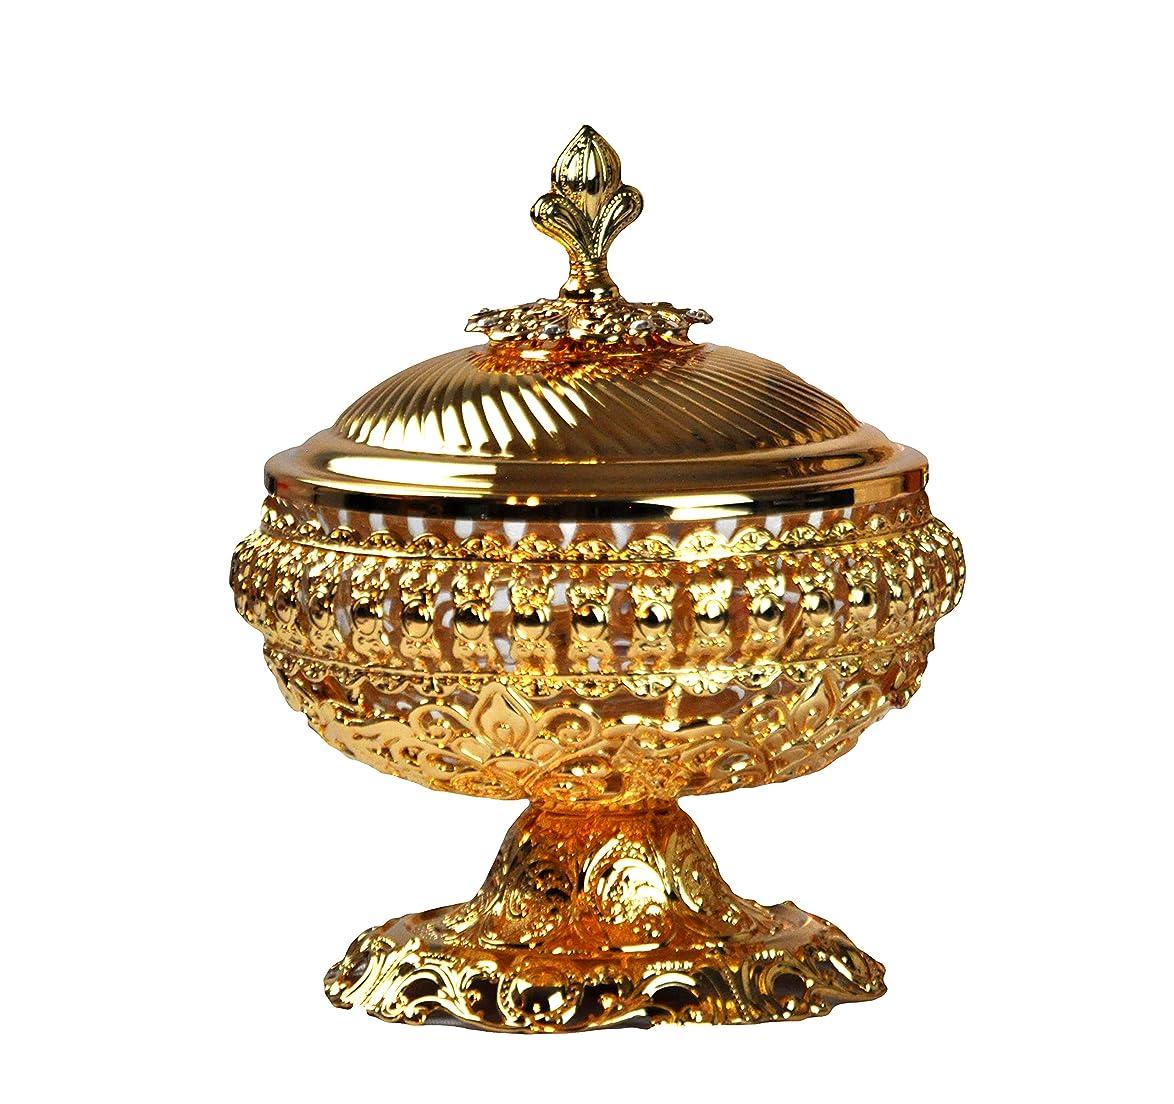 以上レール養うDecorative Bowl to keep hold整理Arabia Bakhoor、チャコール、Oudチップ、Oud Wood、Oudhタブレット、 9inc. シルバー